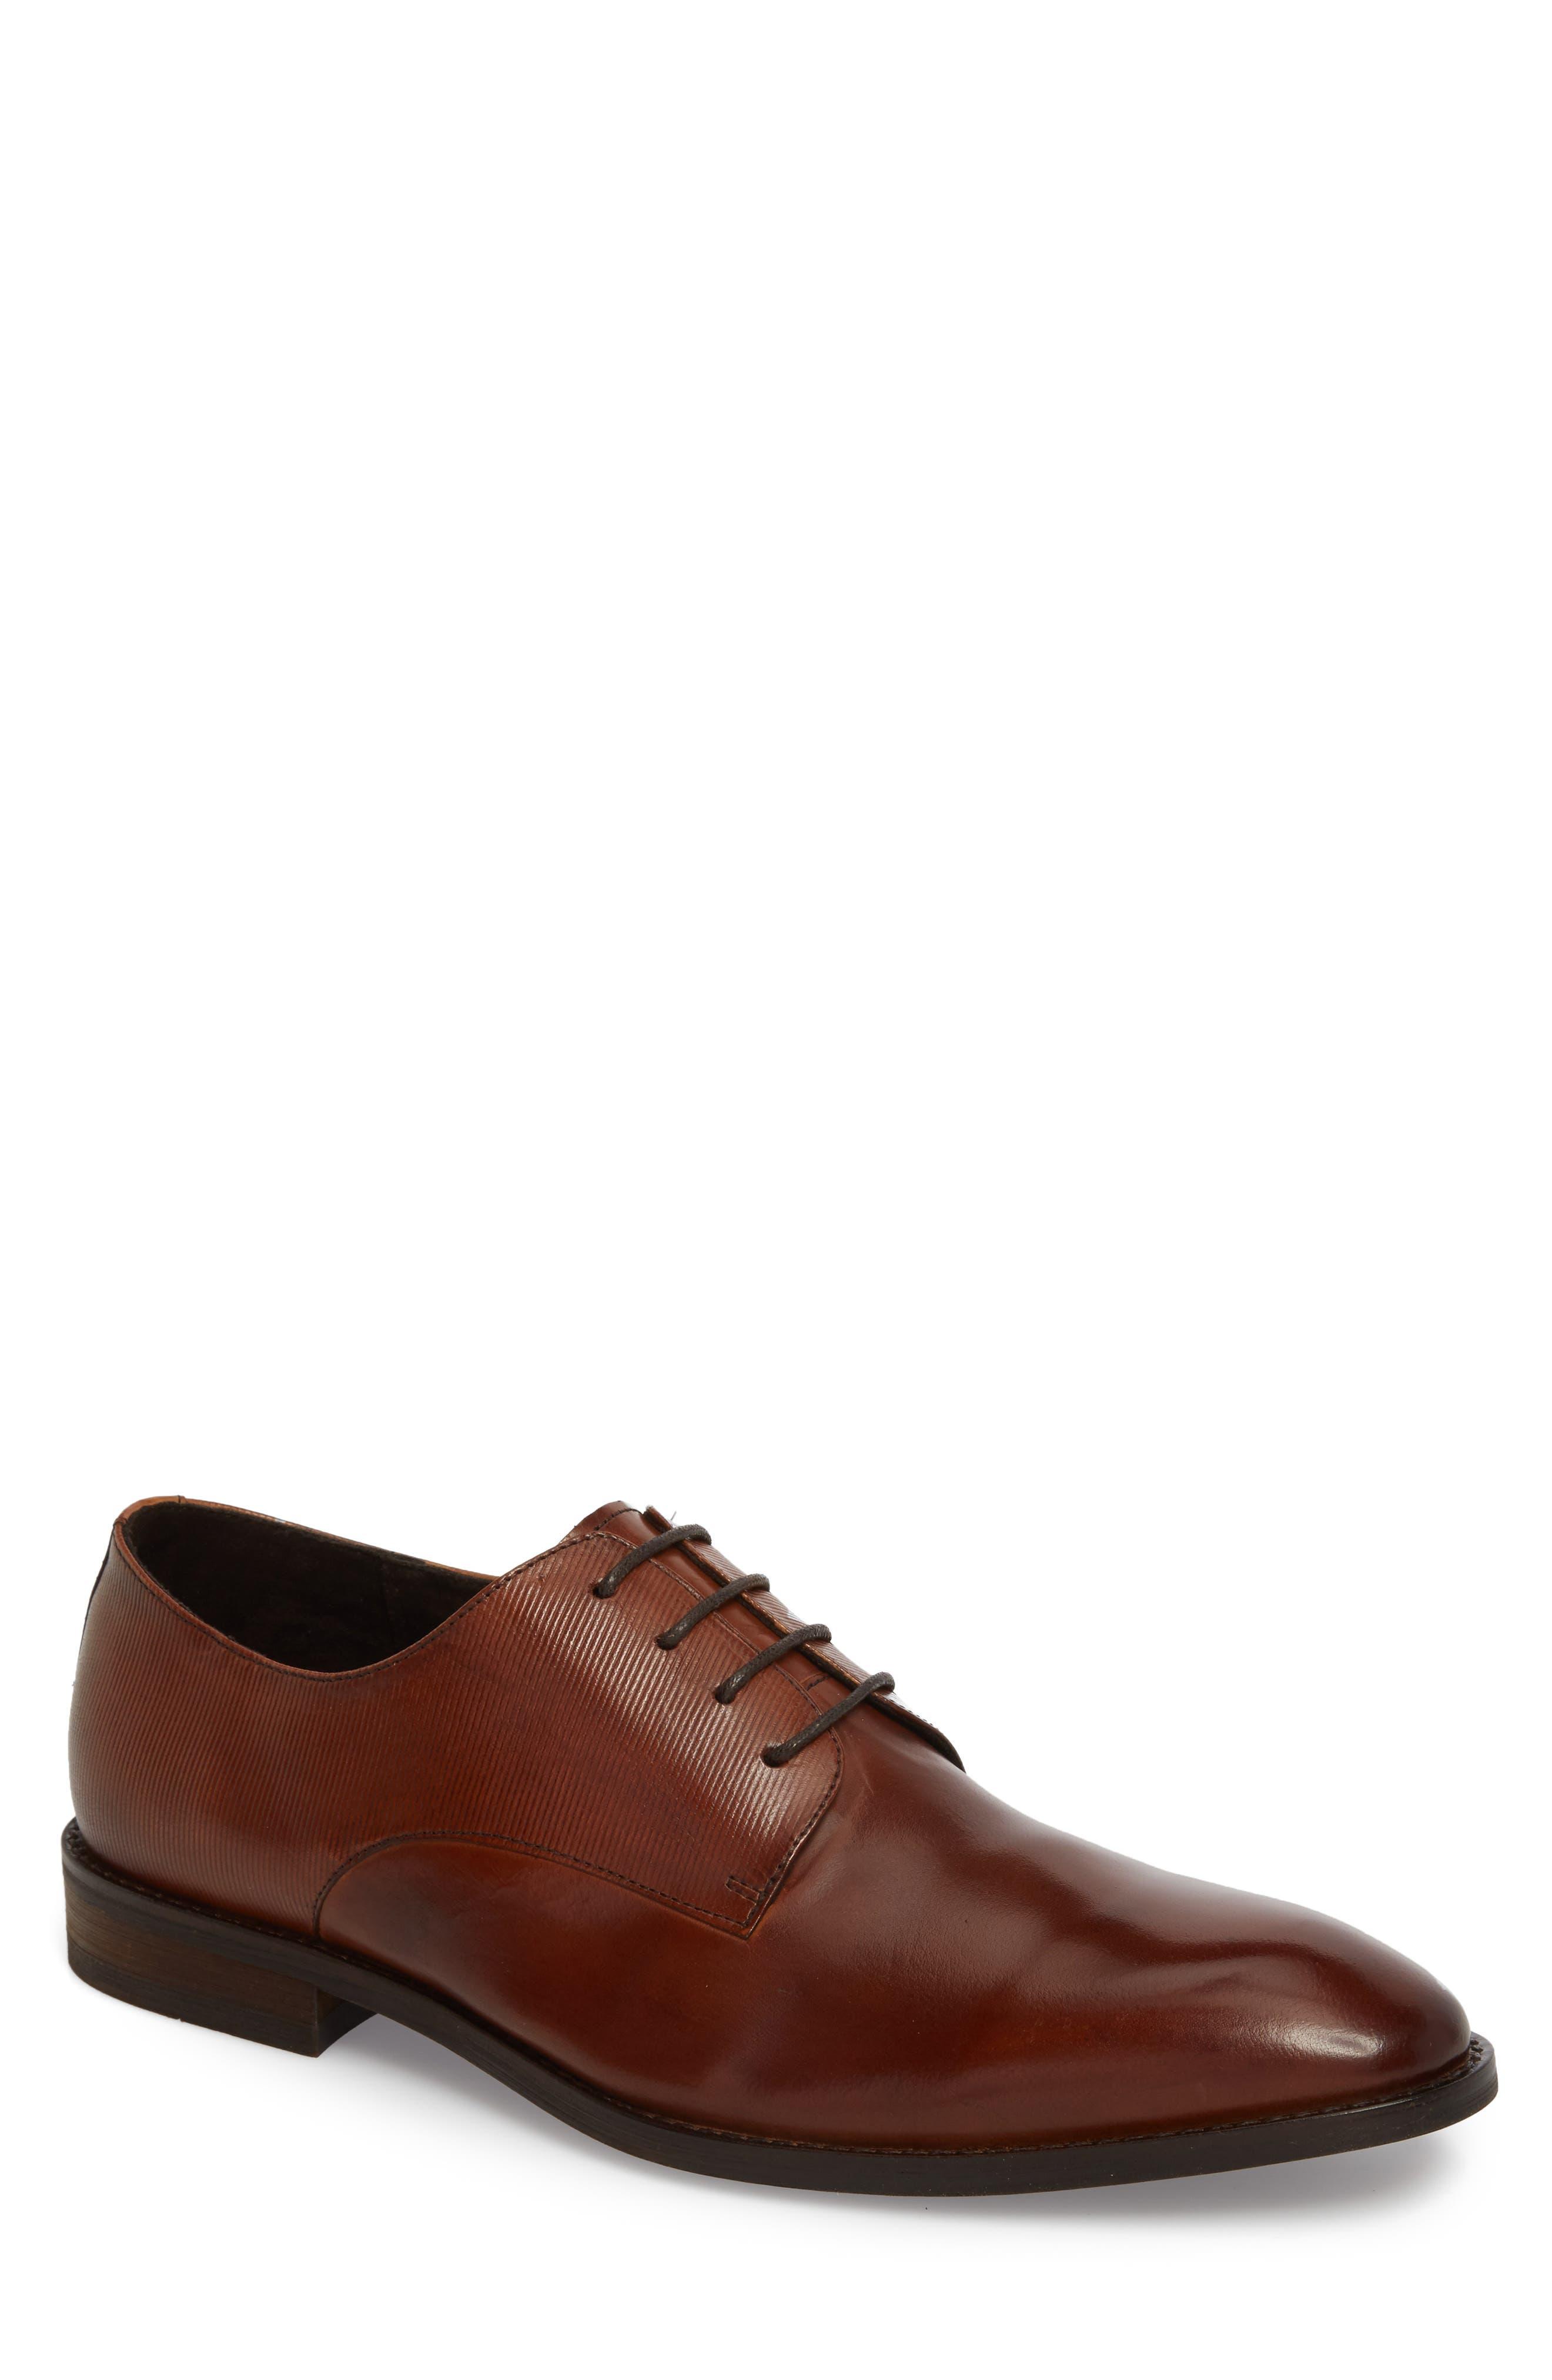 Courage Plain Toe Derby,                         Main,                         color, Cognac Leather